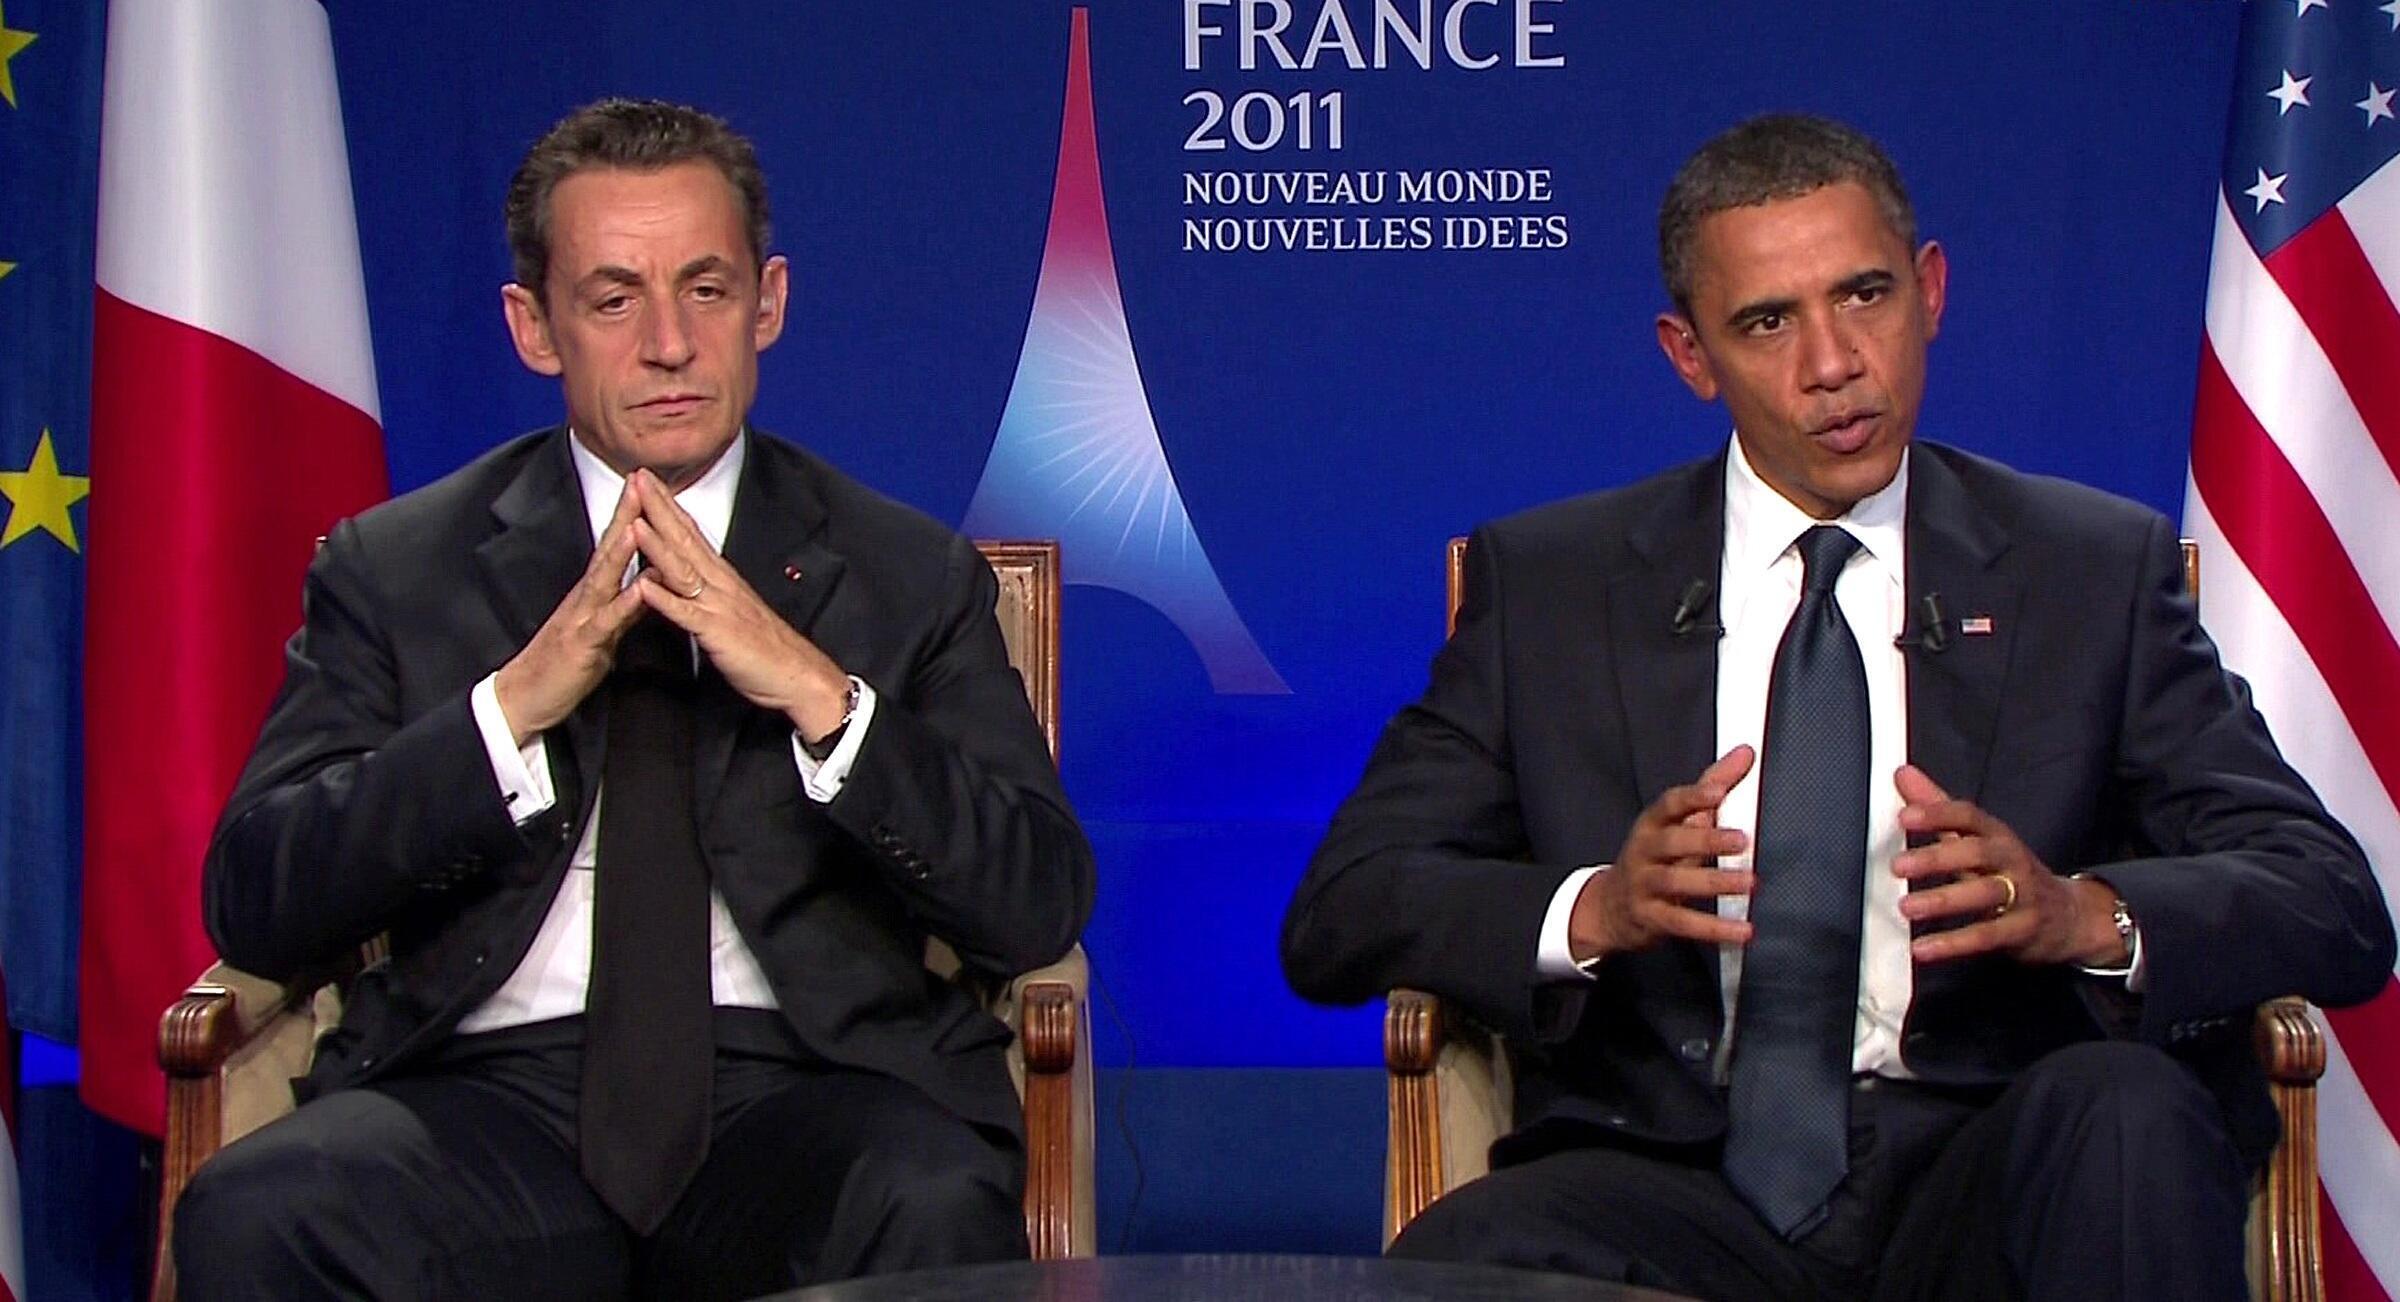 Hai tổng thống N. Sarkozy và B. Obama hôm 4/11/2011 (Reuters)